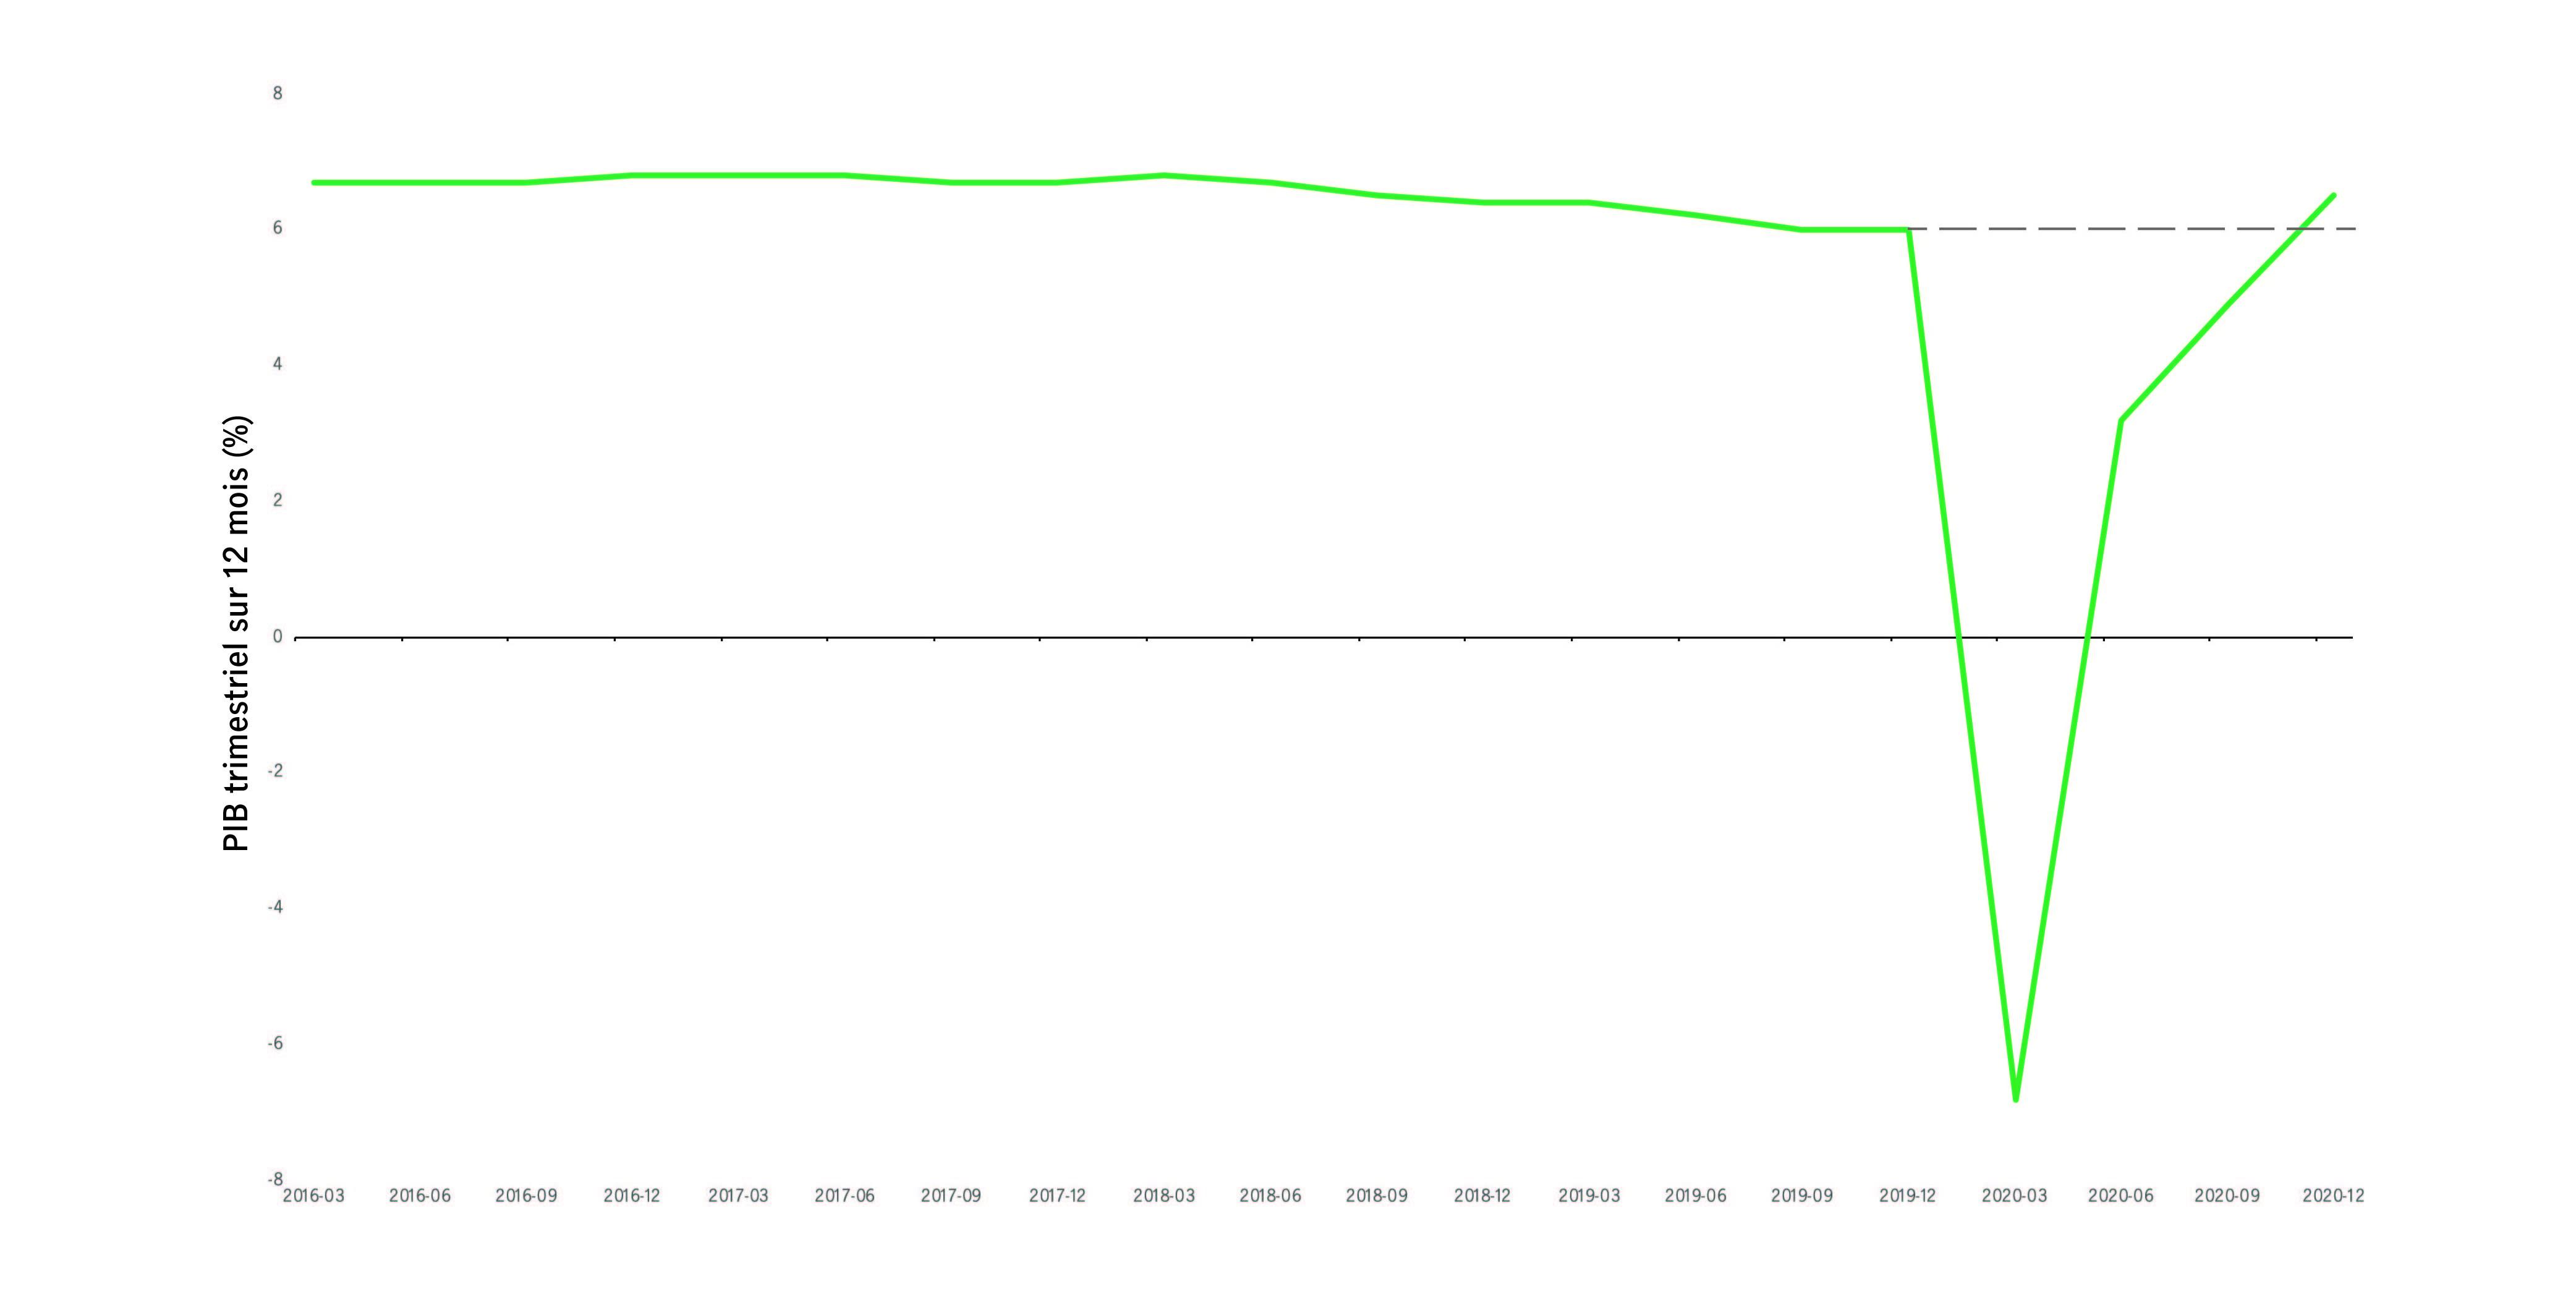 Graphique 1 – PIB de la Chine : Le PIB trimestriel indique une reprise en V pour 2020, passant de moins 10 % à 6,5 %. Source : Y-Charts.